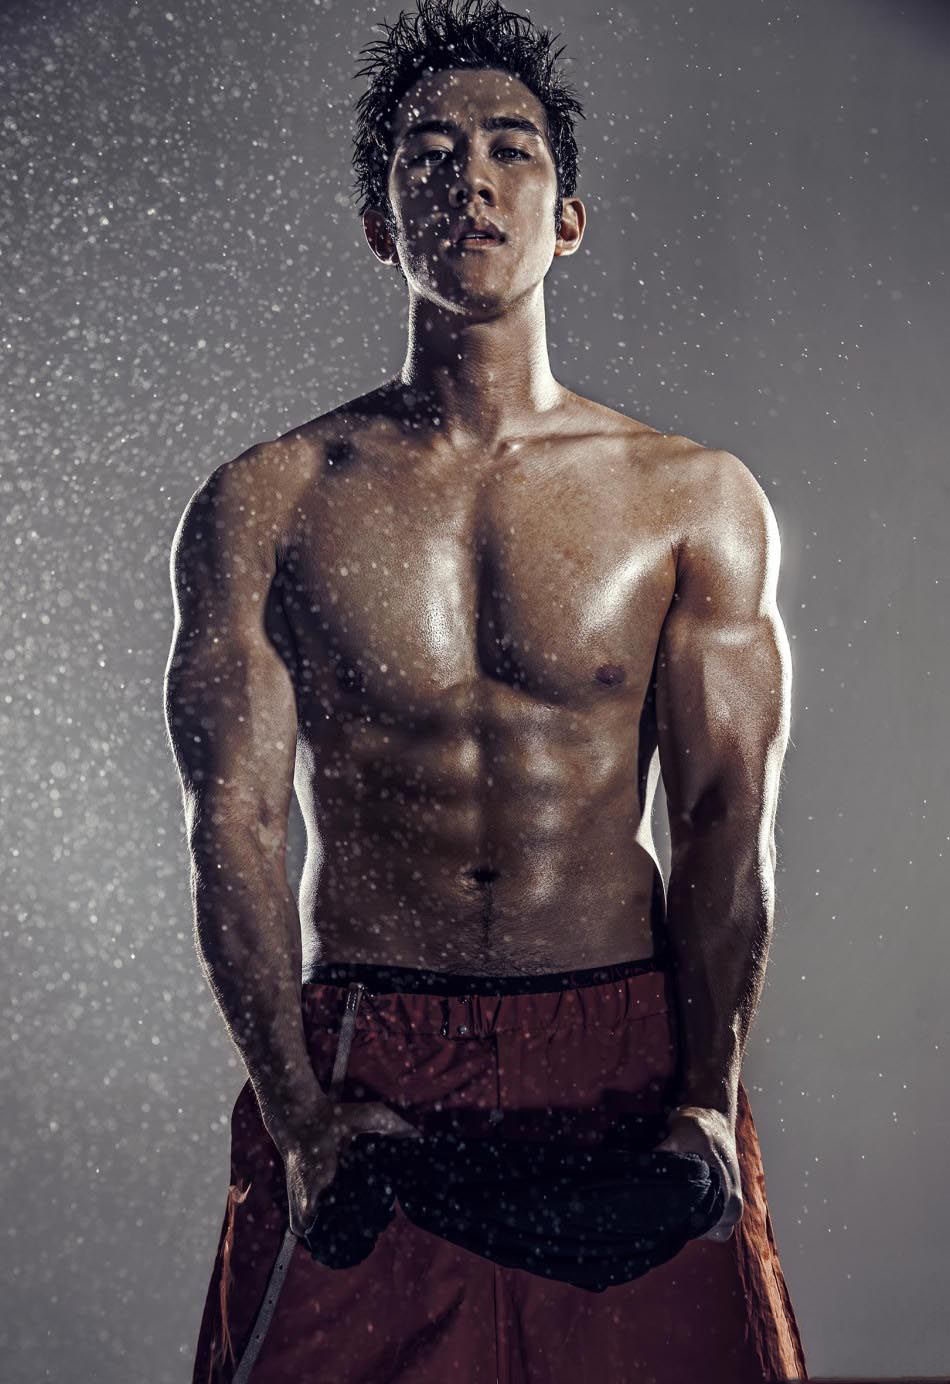 李治廷肌肉照大全 大尺度肌肉照露性感腹毛